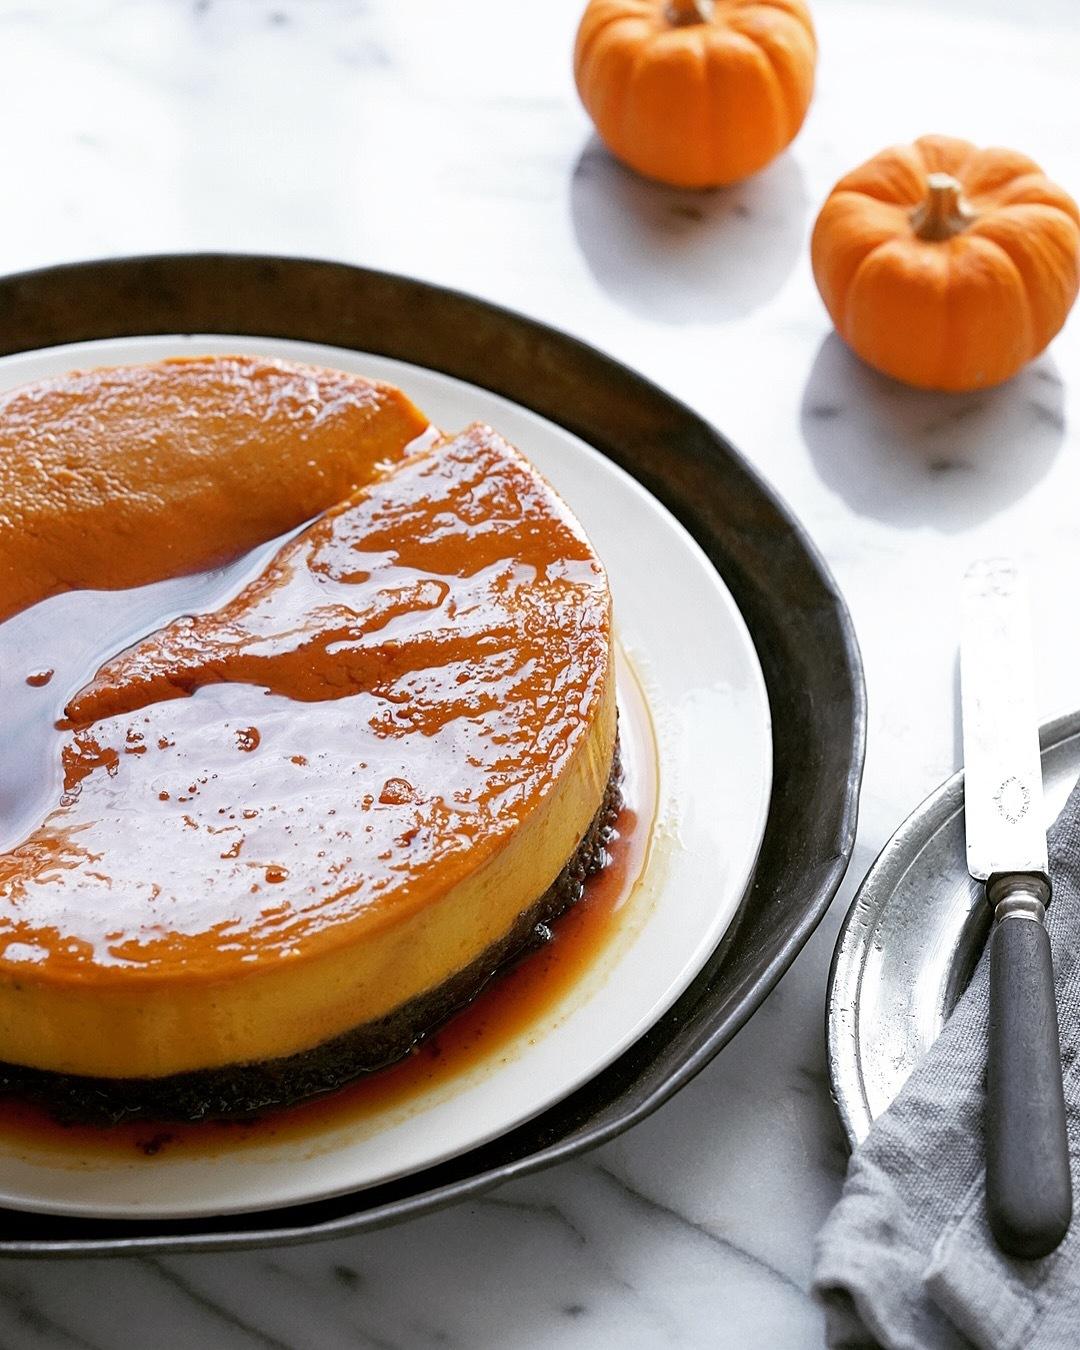 【10月おかし教室のお知らせ】二層のプリンケーキとパンプキンマフィン_b0228252_15242108.jpg